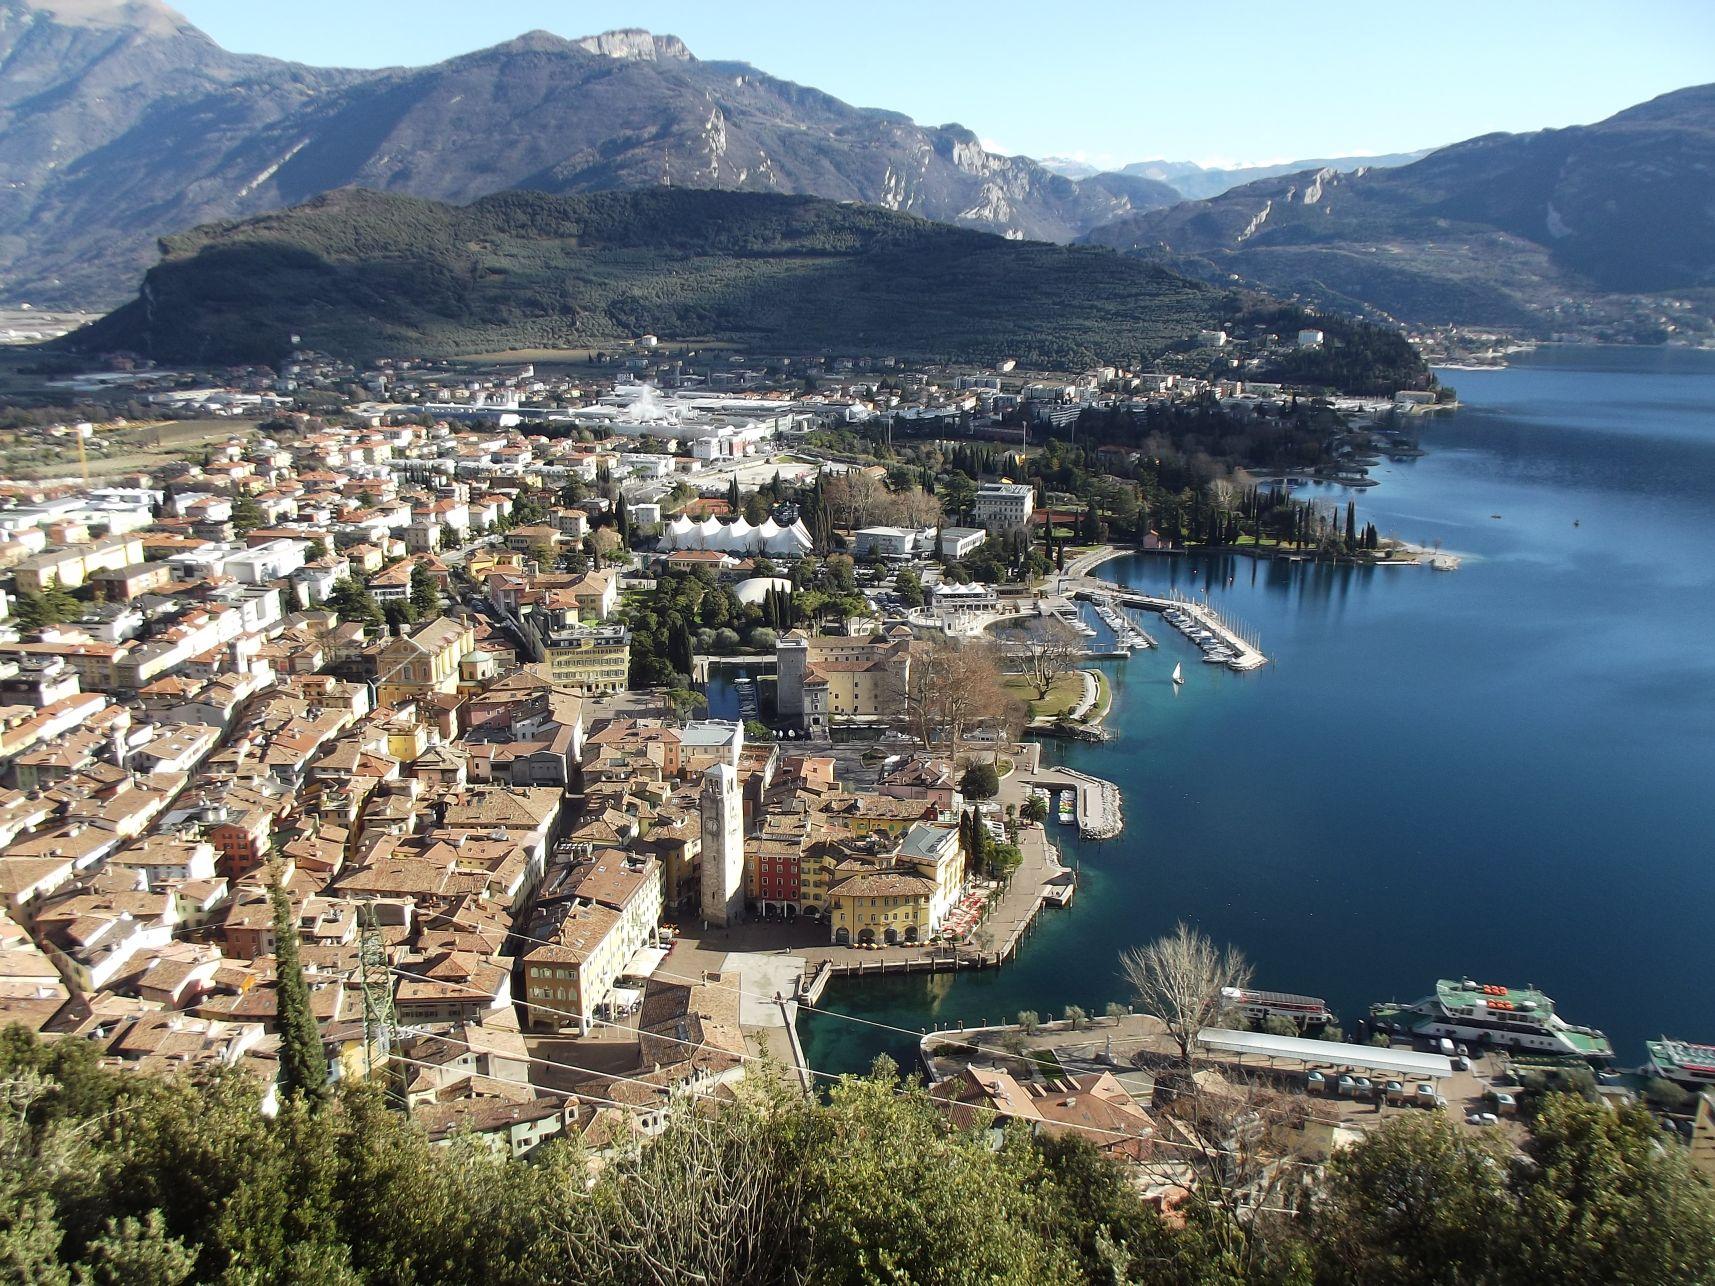 19_A város mögött a Monte Brione